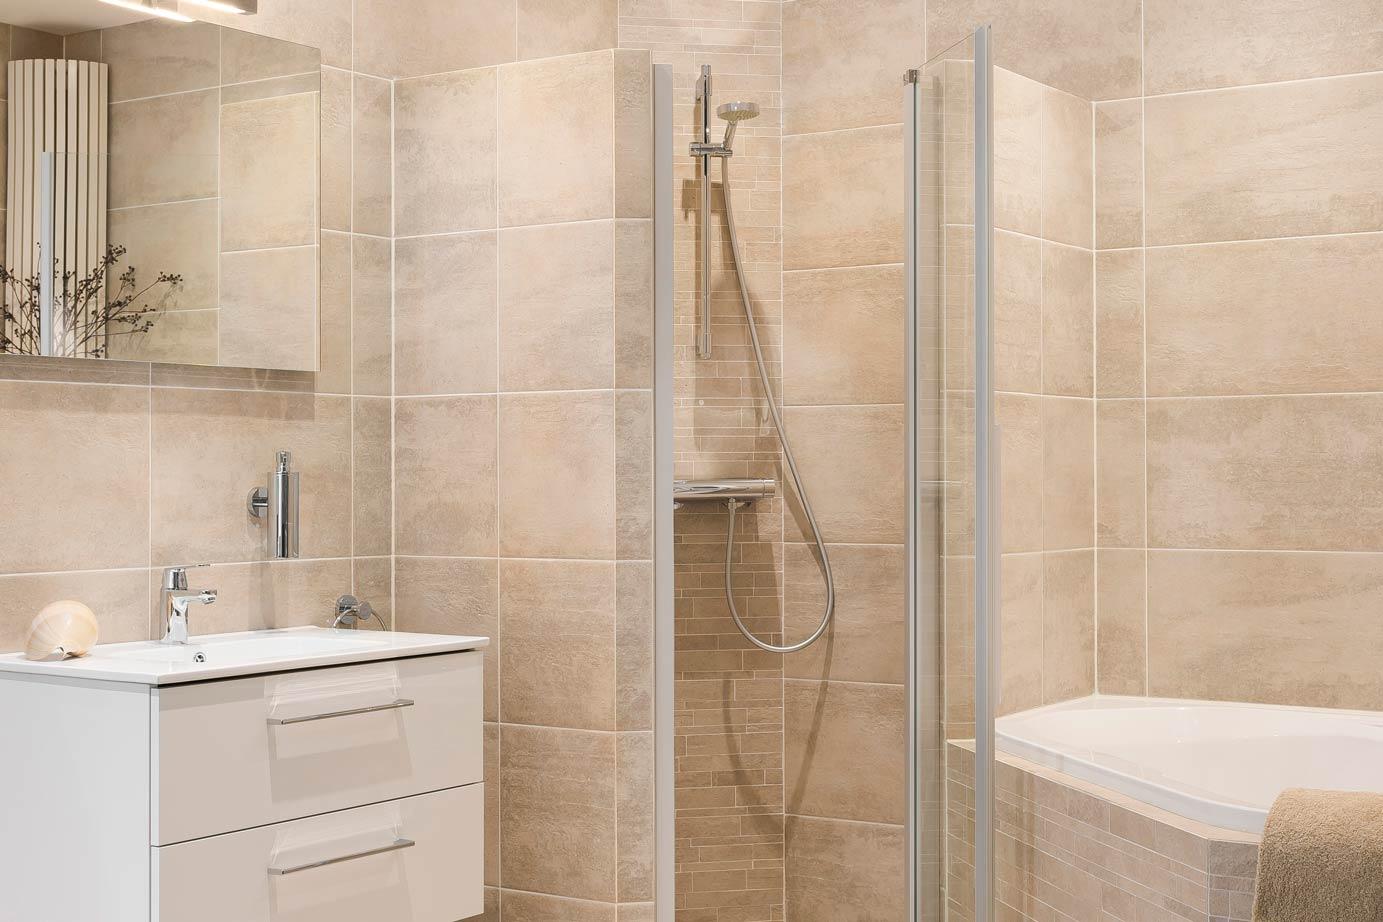 Tegels Badkamer Nunspeet : Badkamers met netto netto prijzen arma